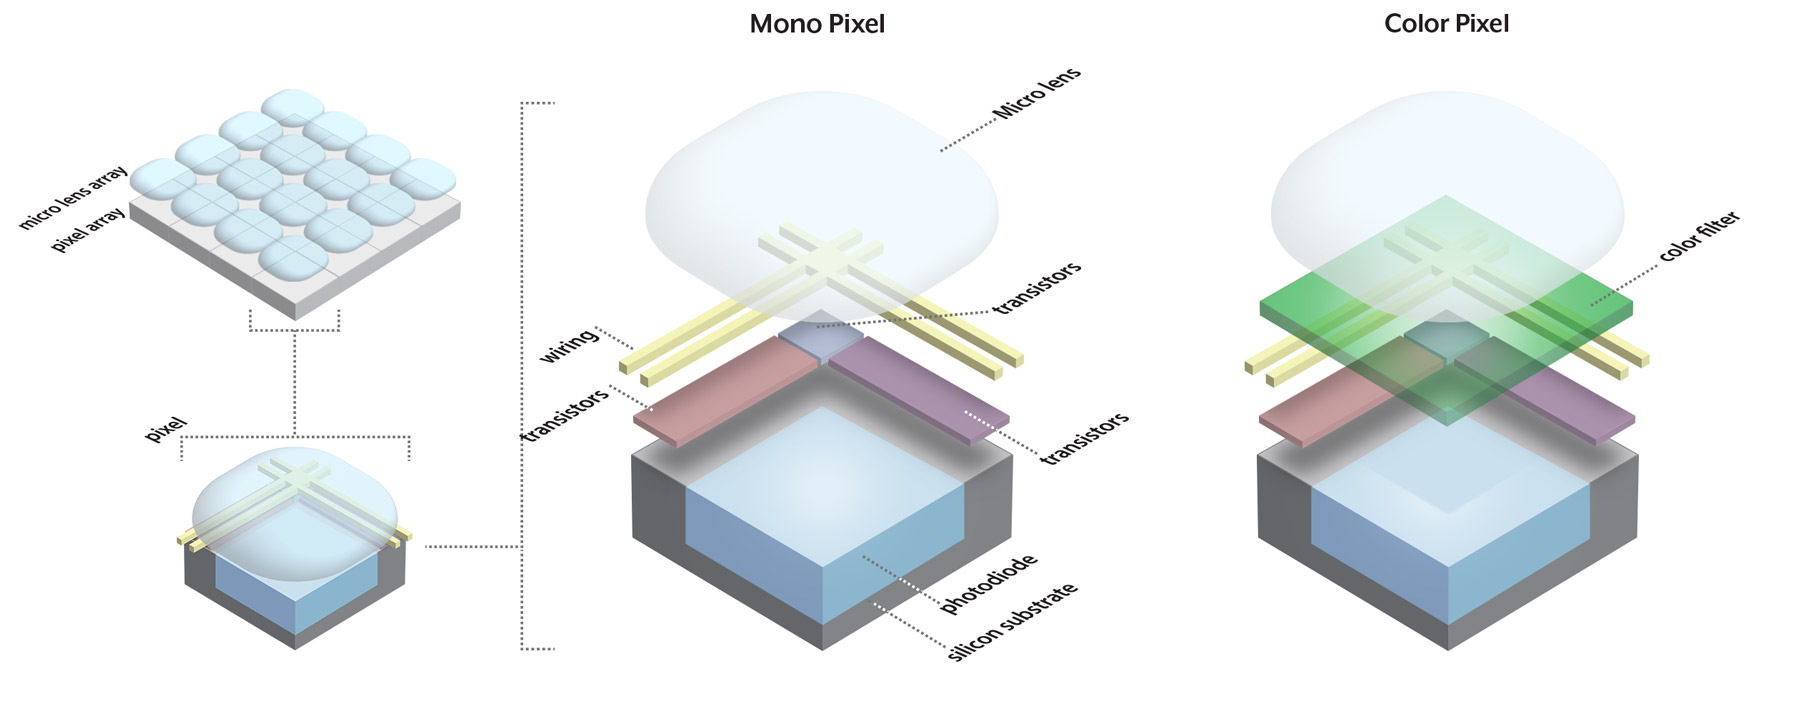 mono vs color pixel in sensor